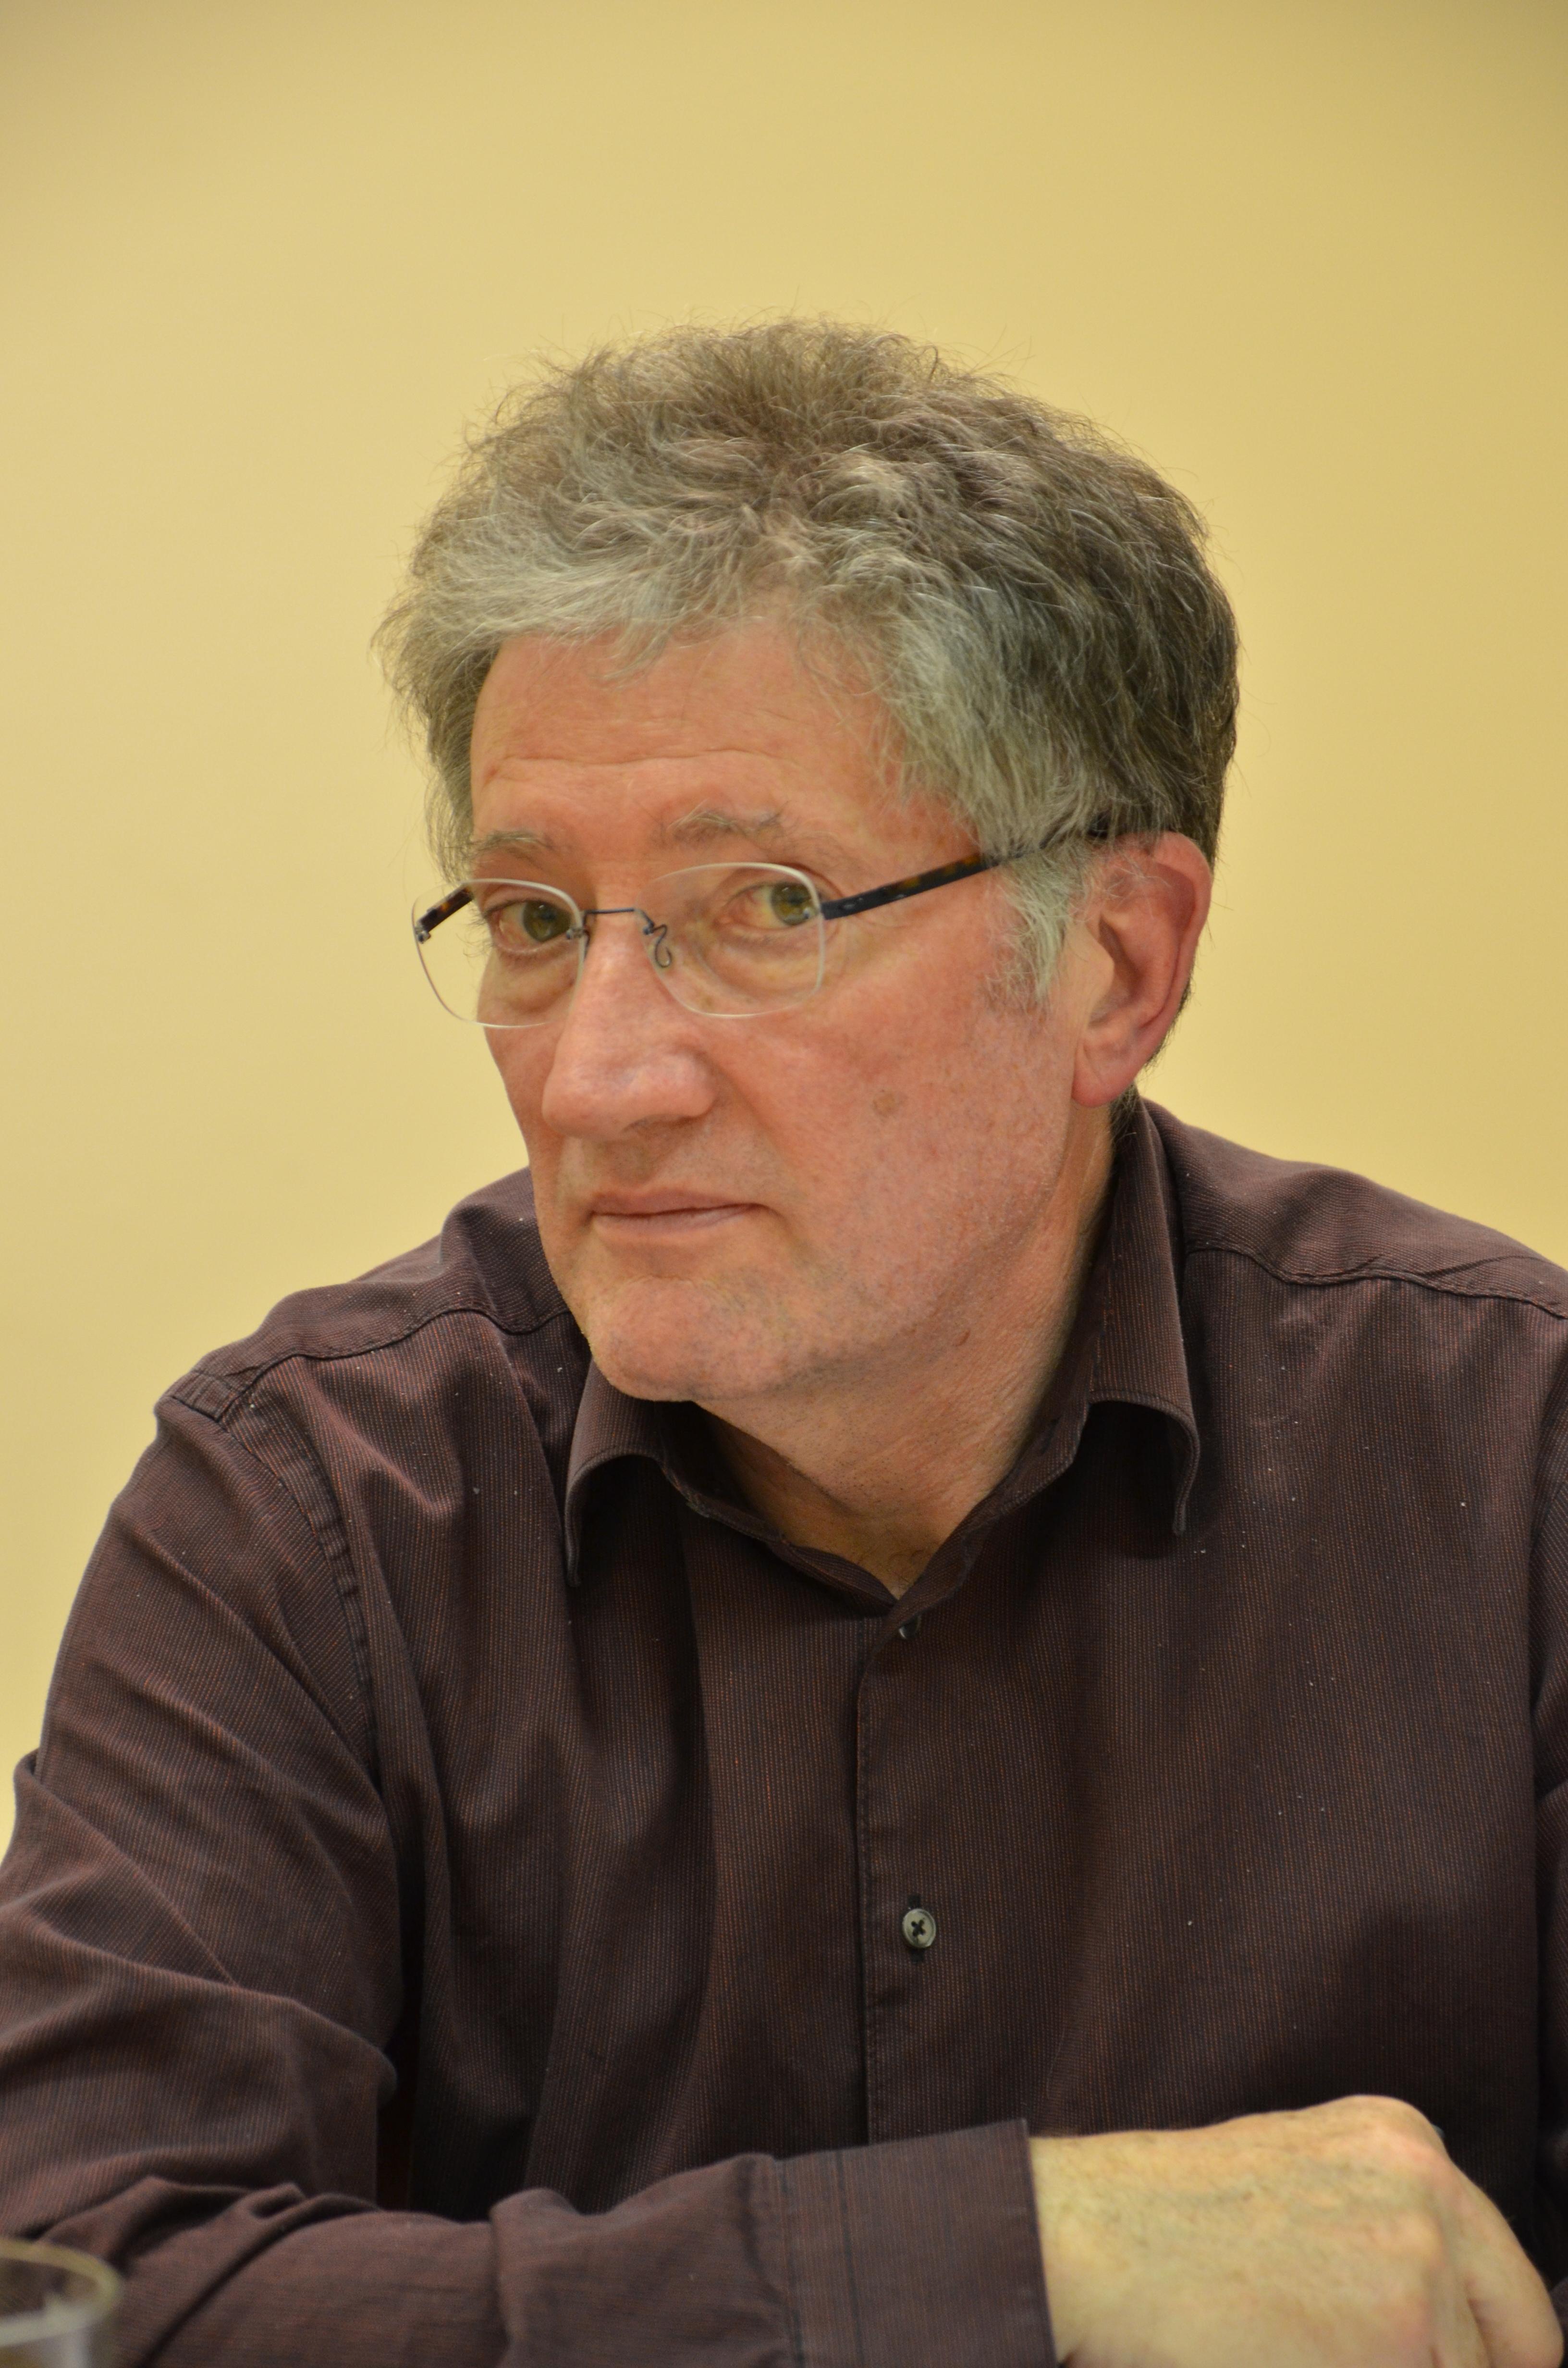 Frans Dhaenens